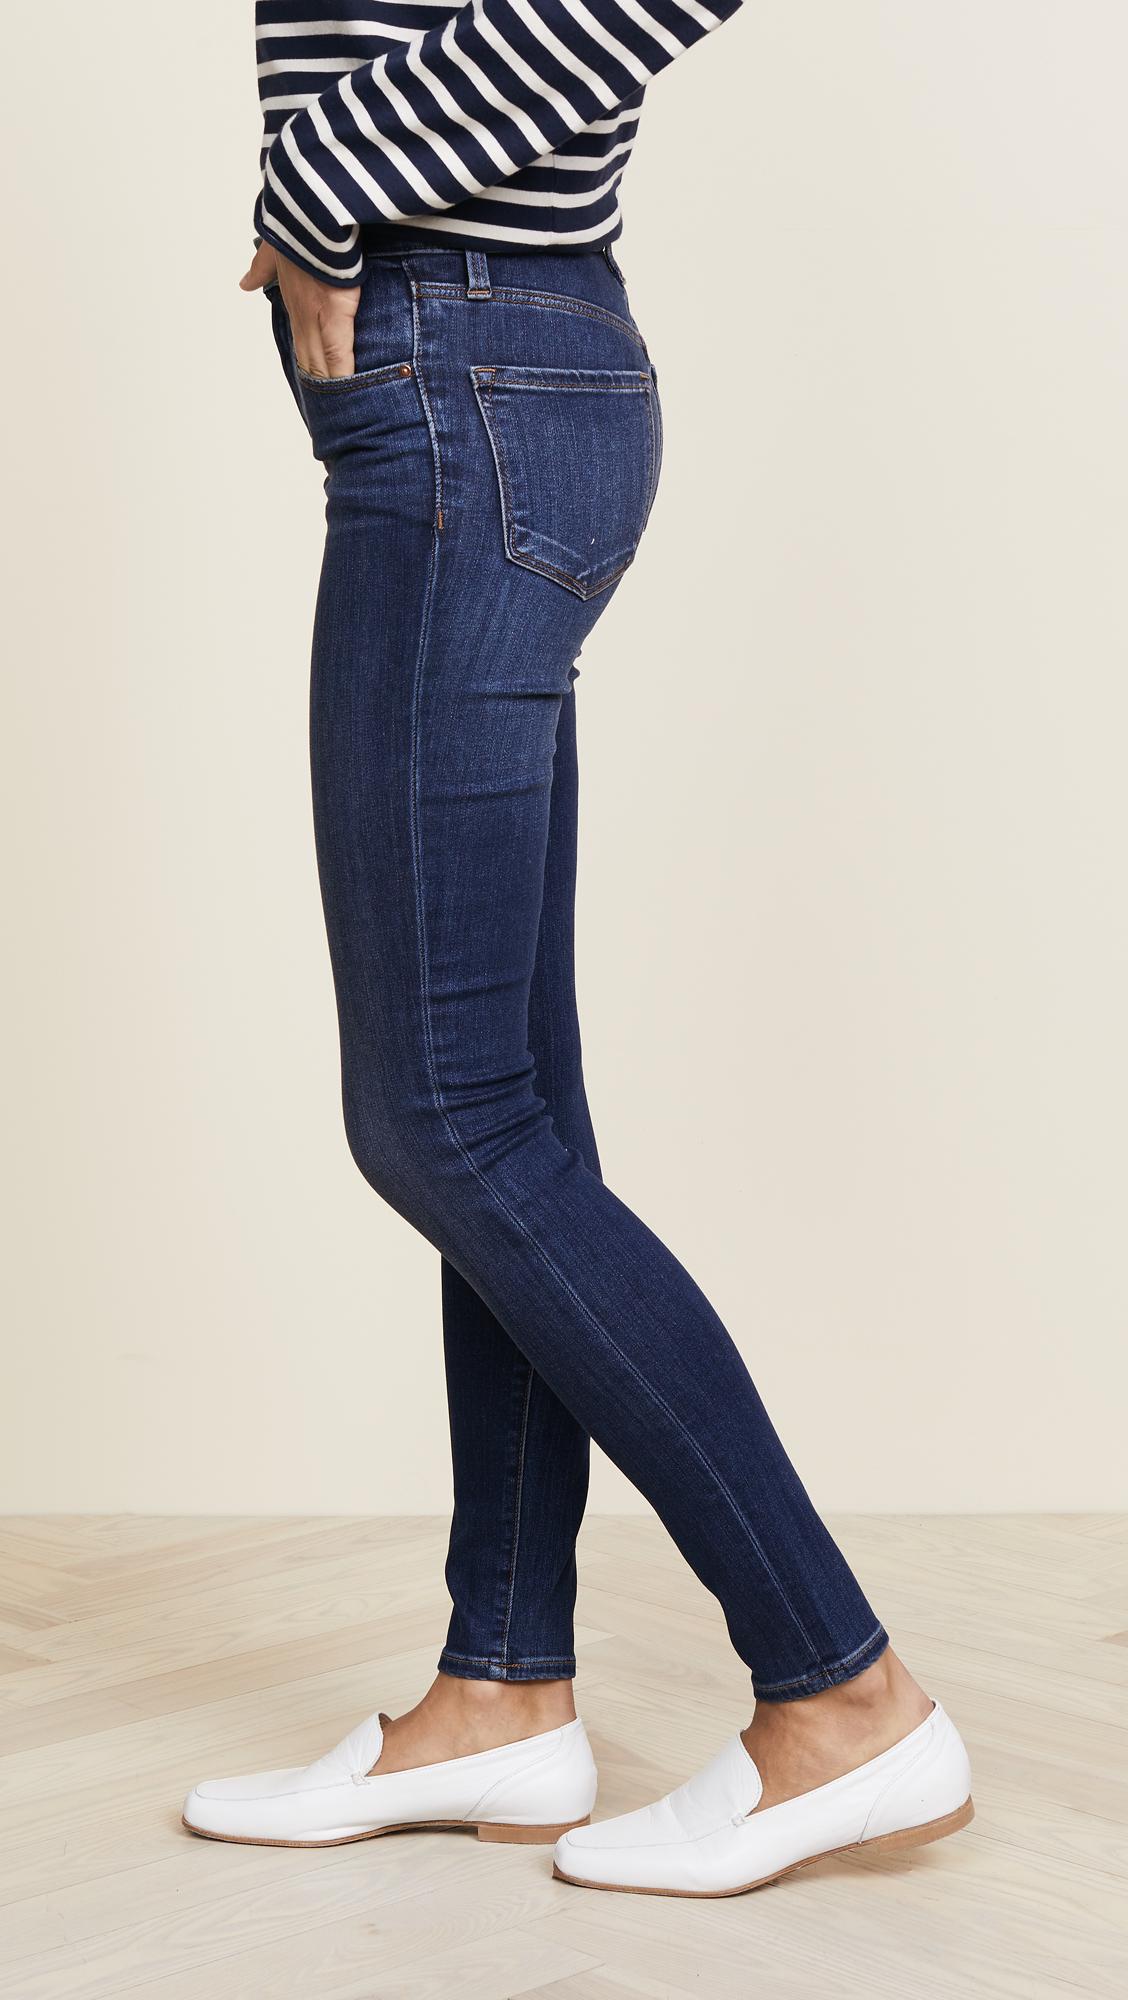 0a44b2f16a1 J Brand Maria High Rise Skinny Jeans